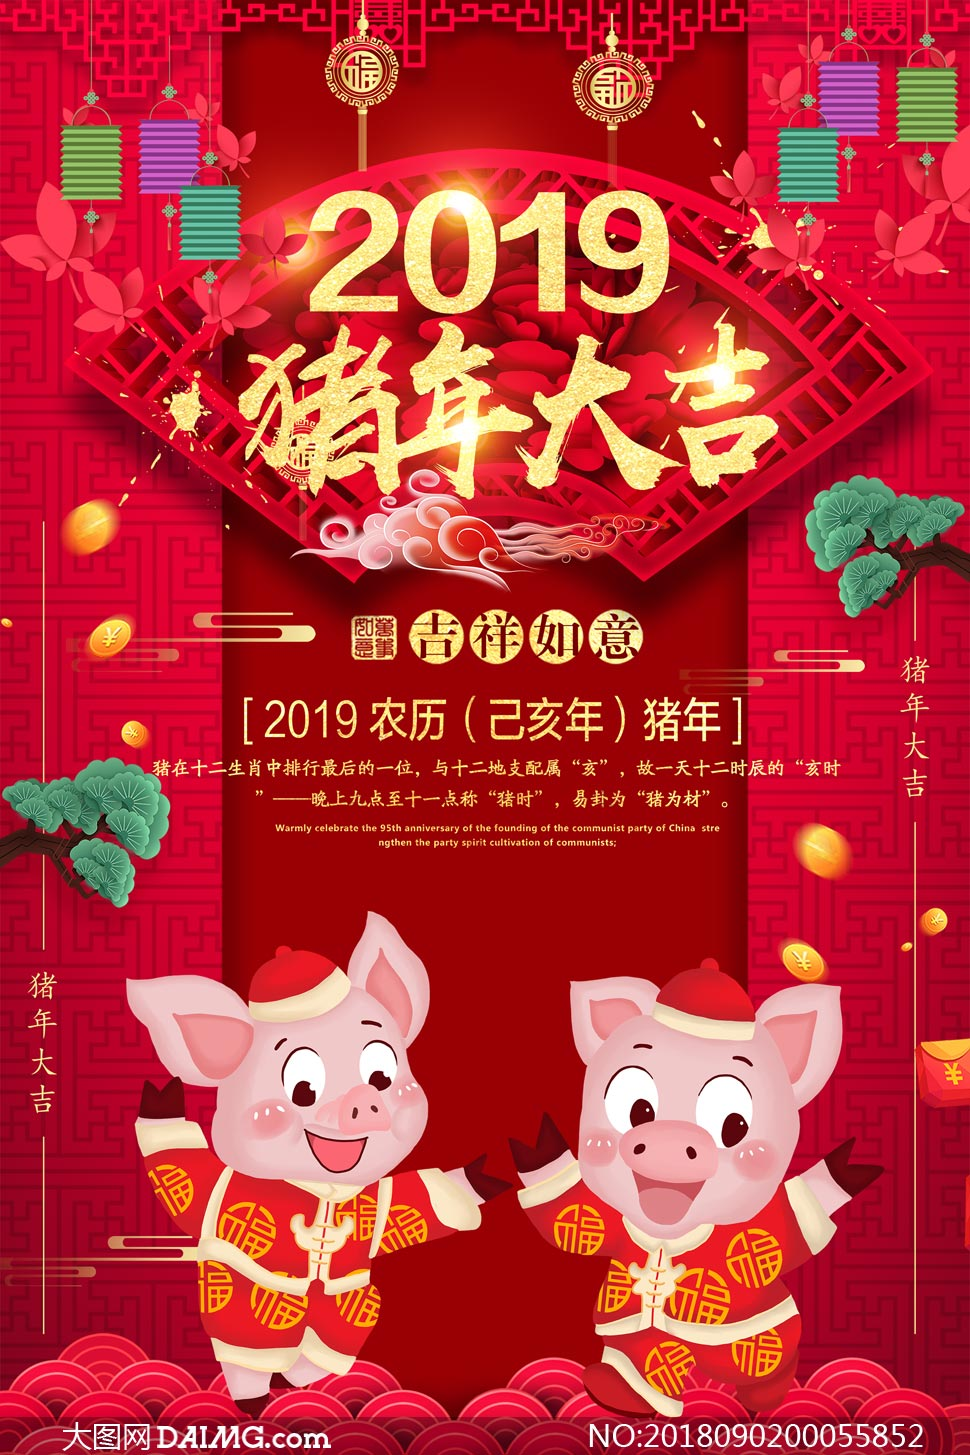 2019猪年大吉宣传海报设计psd素材